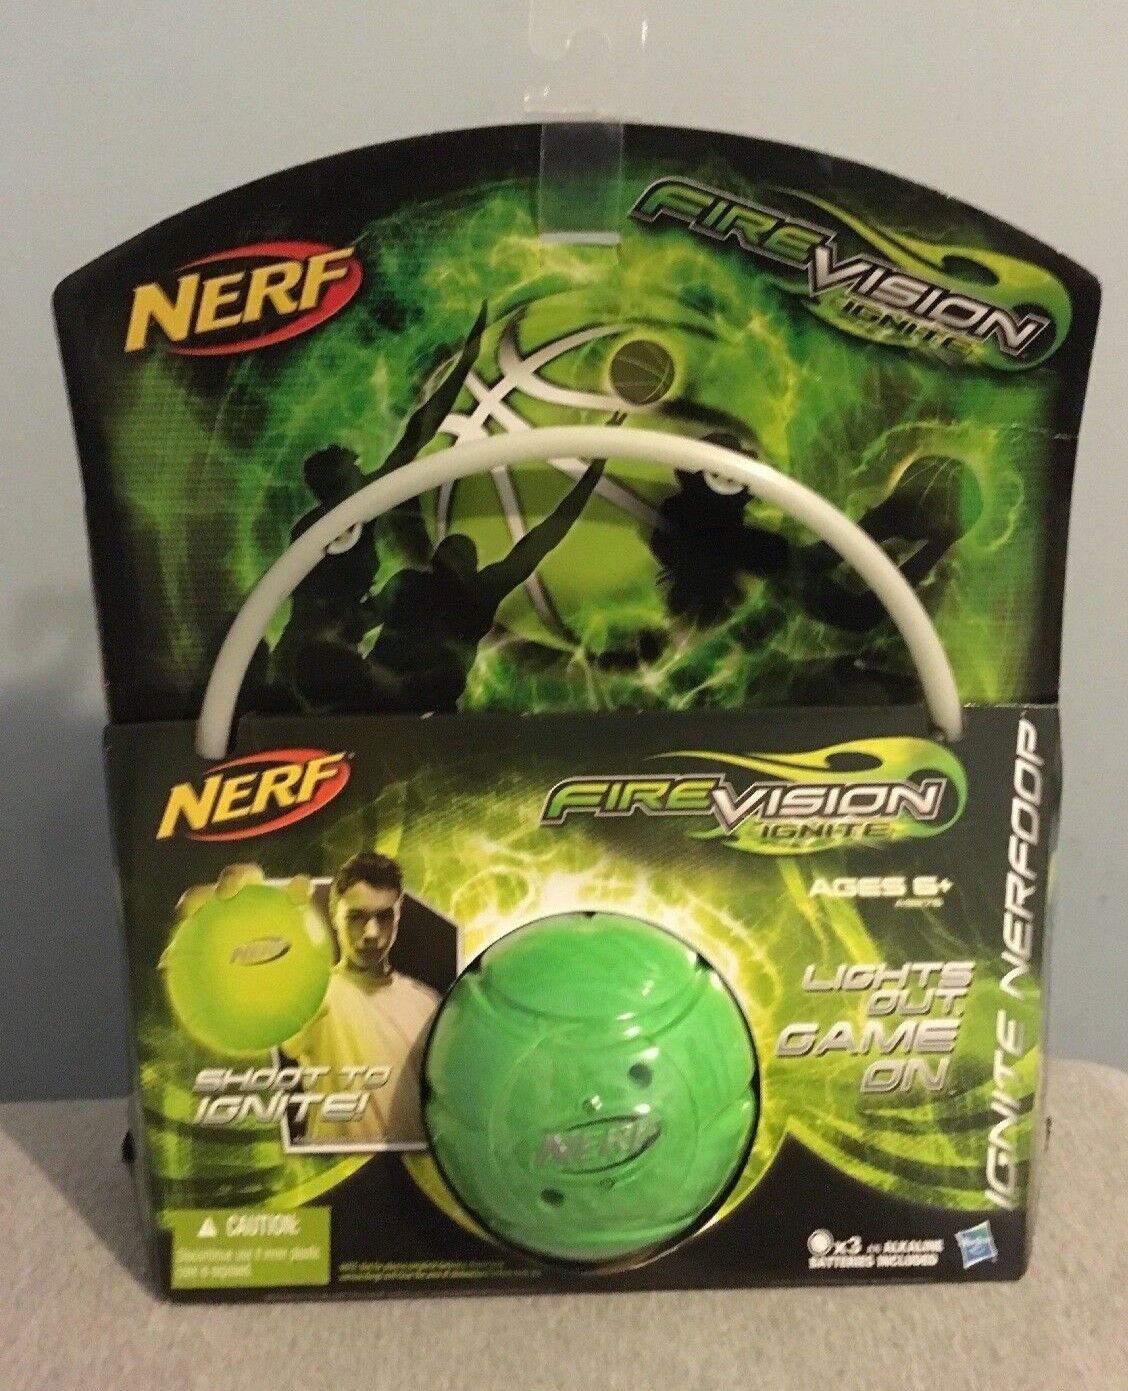 Nerf Fire Vision Ignite Ignite Ignite Nerf Mini Basketball & Hoop Set Kids Toy Game, Green New 070f90